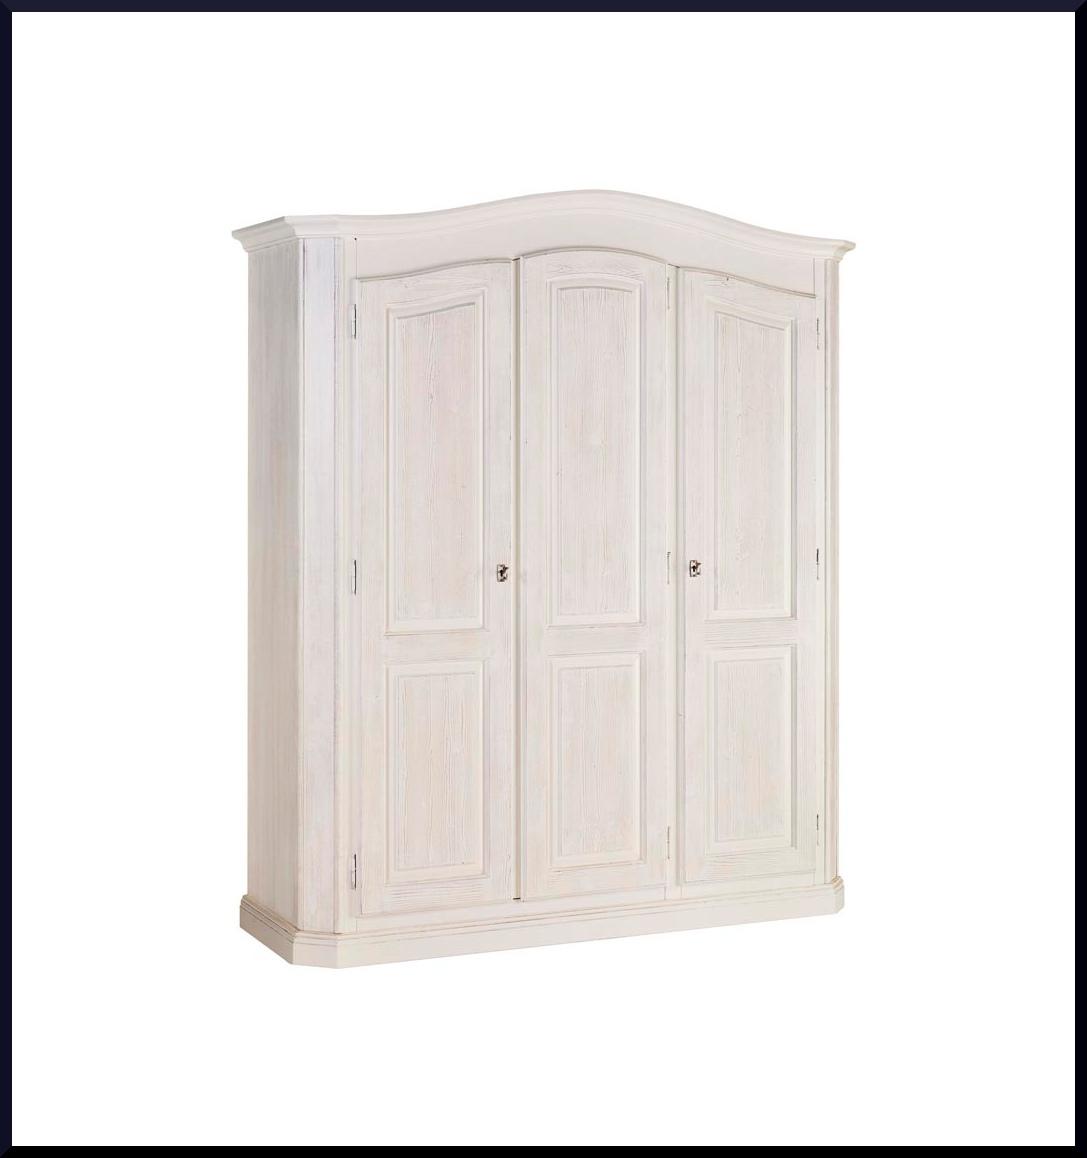 Armadio tre porte bianco spazzolato